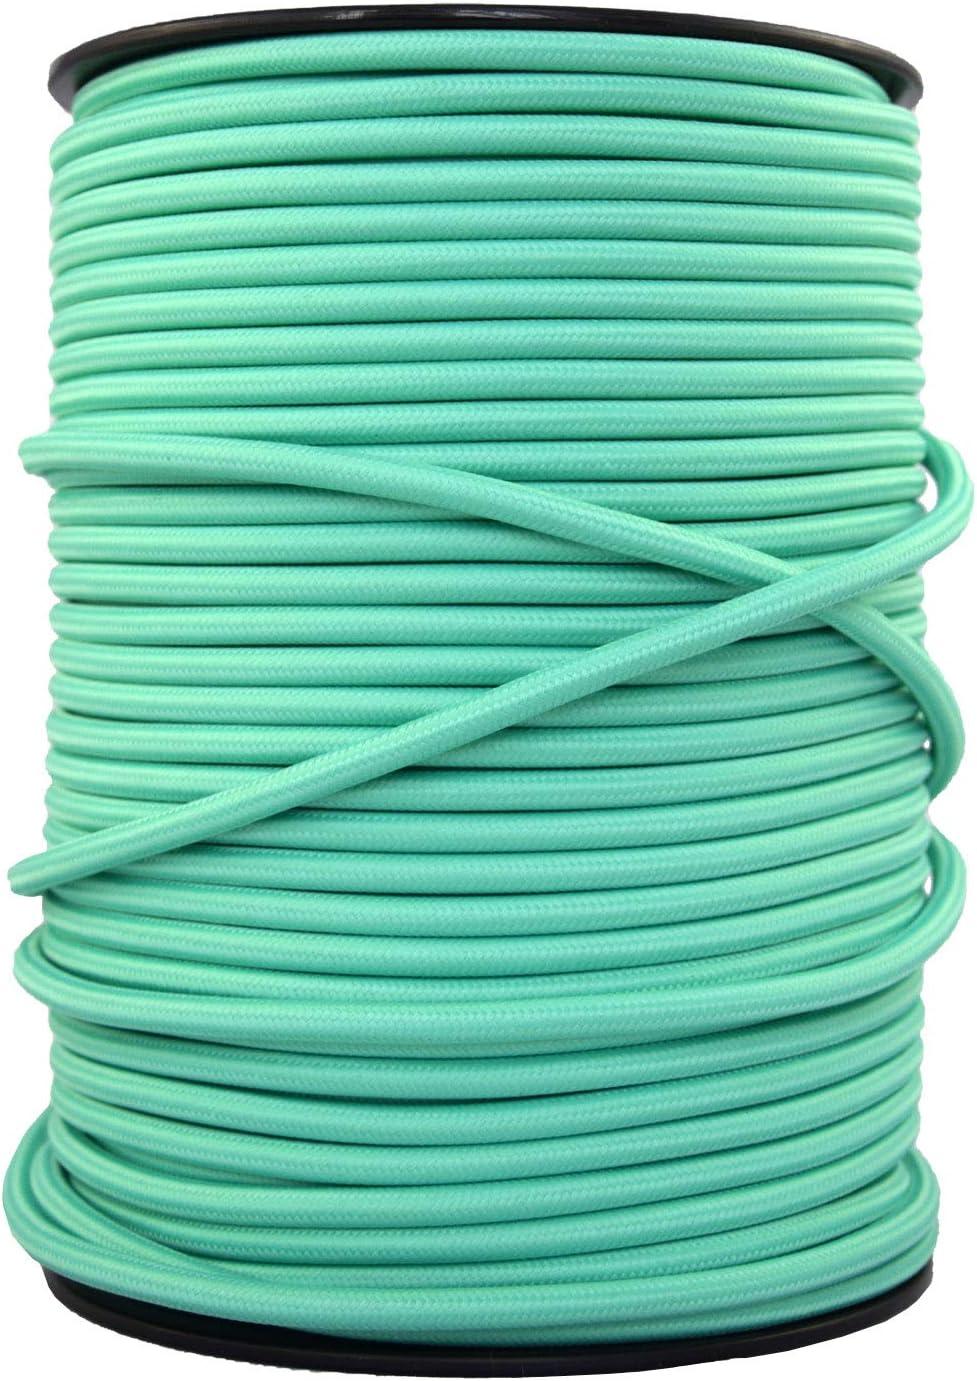 - Cable de luz con revestimiento textil smartect Cable para l/ámparas de tela en color Rojo Cable textil trenzado de 5 Metro 3 hilos 3 x 0,75 mm/²